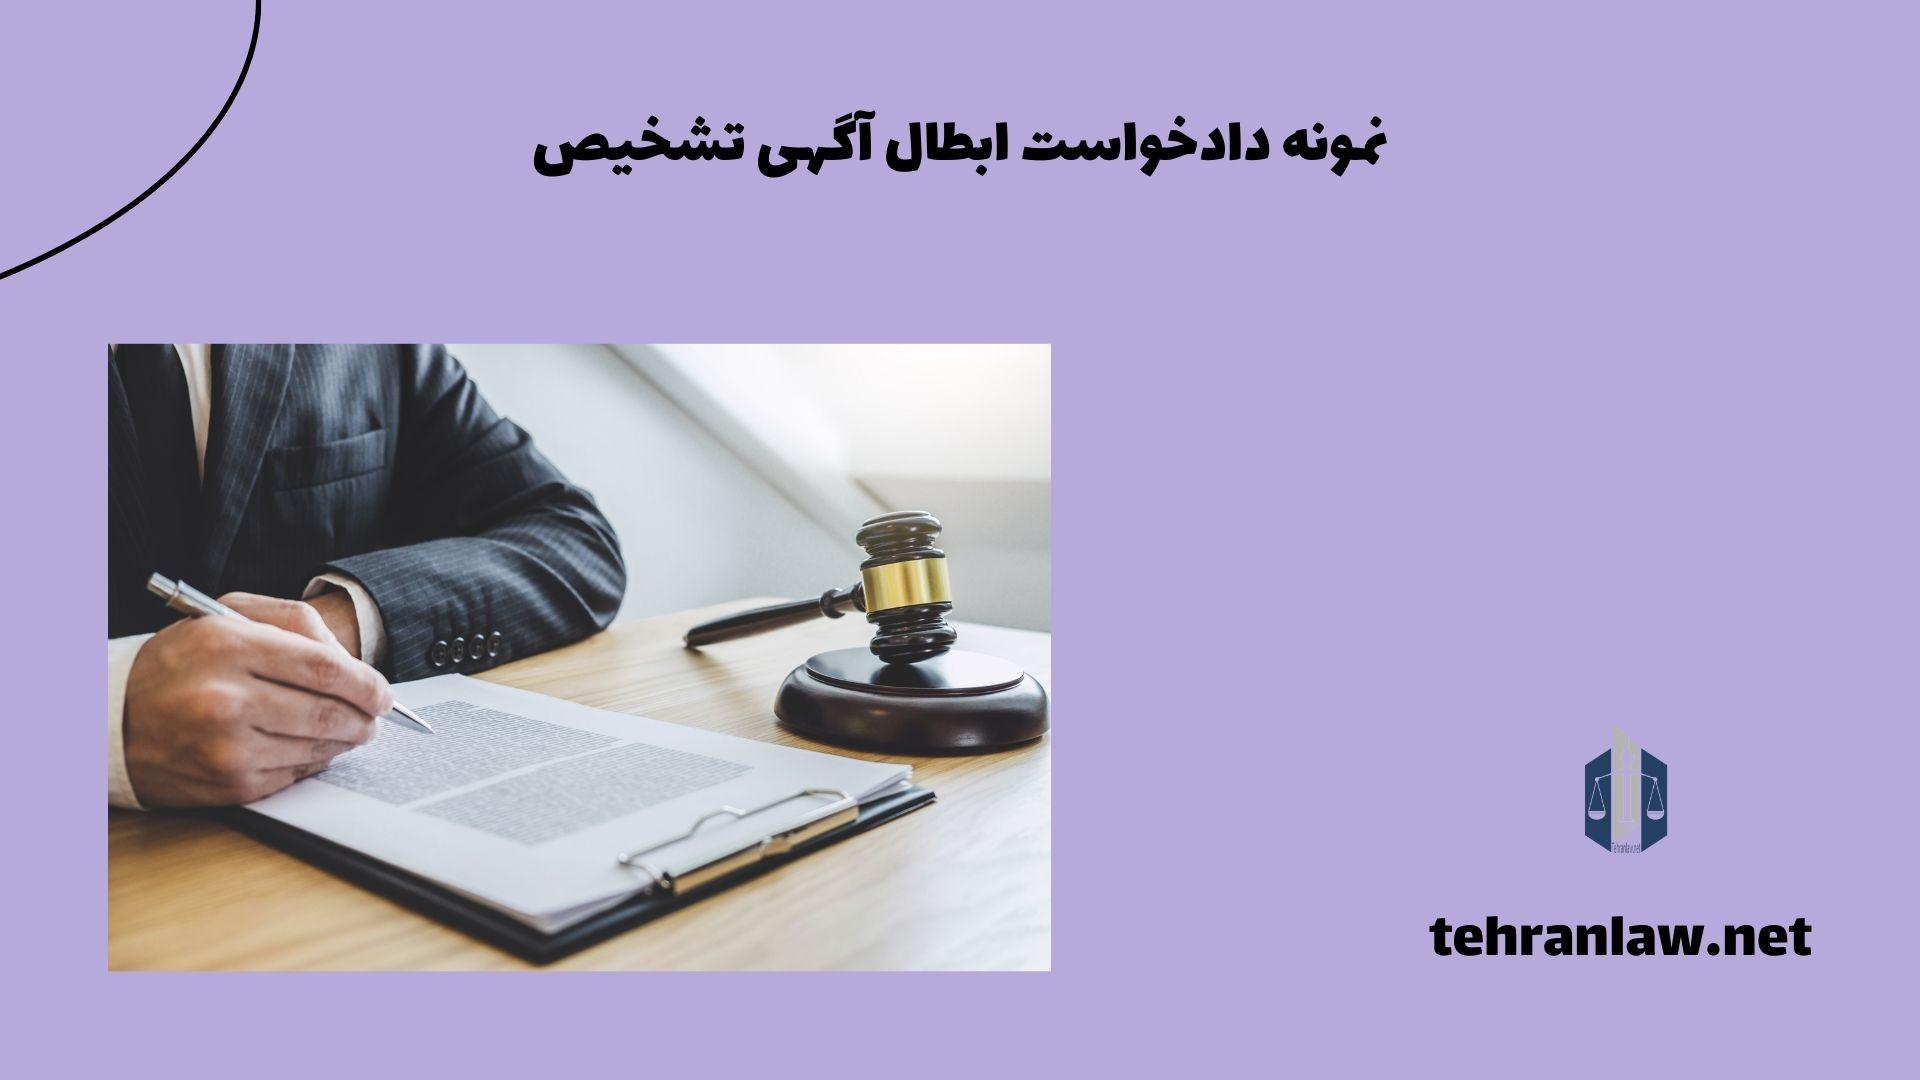 نمونه دادخواست ابطال آگهی تشخیص